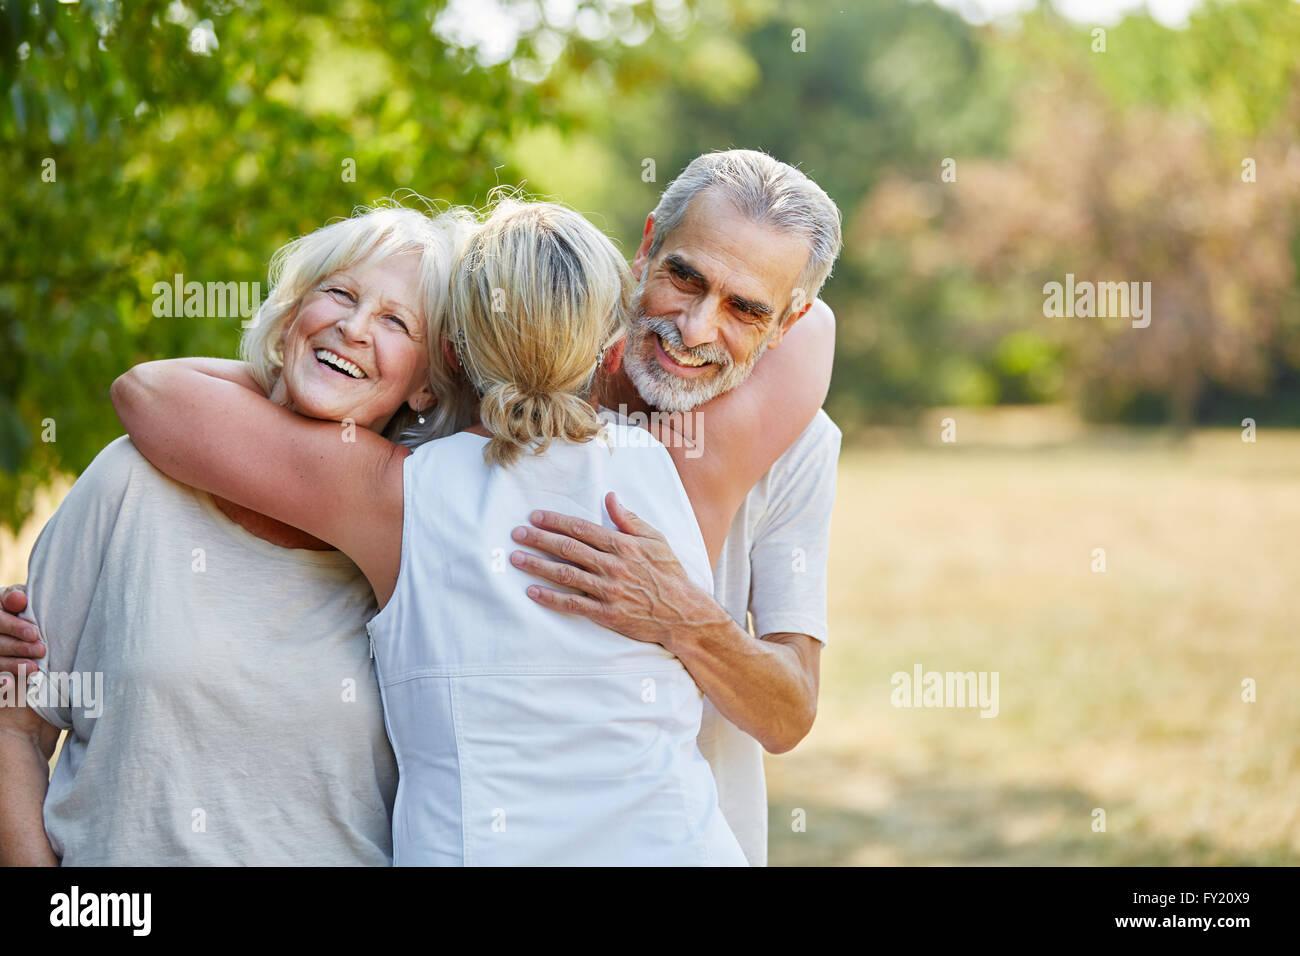 Happy amici senior abbraccia ogni altra nel giardino in estate Immagini Stock